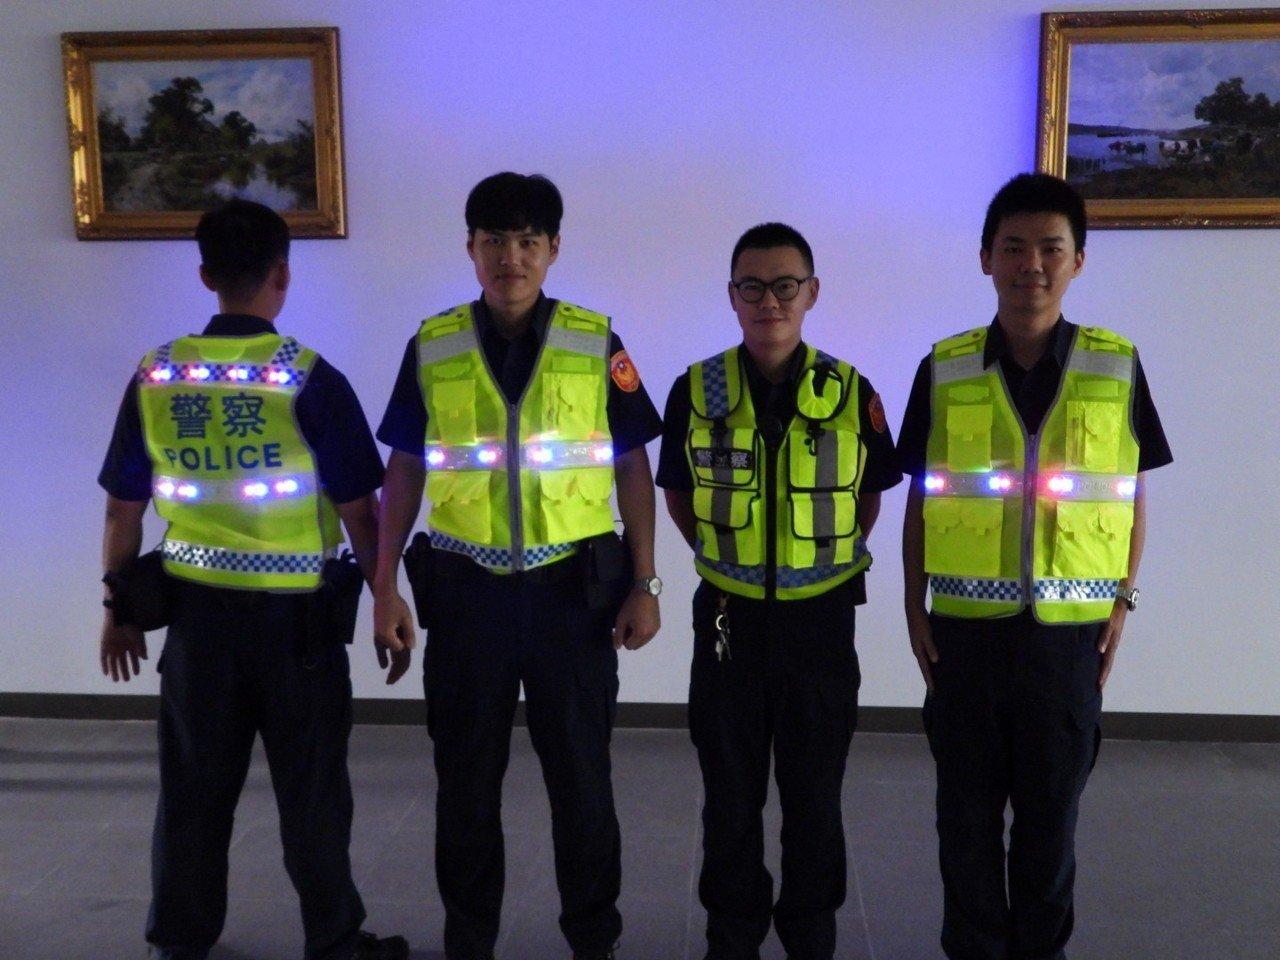 影/獅子會捐LED發光式反光背心 提升員警執勤安全